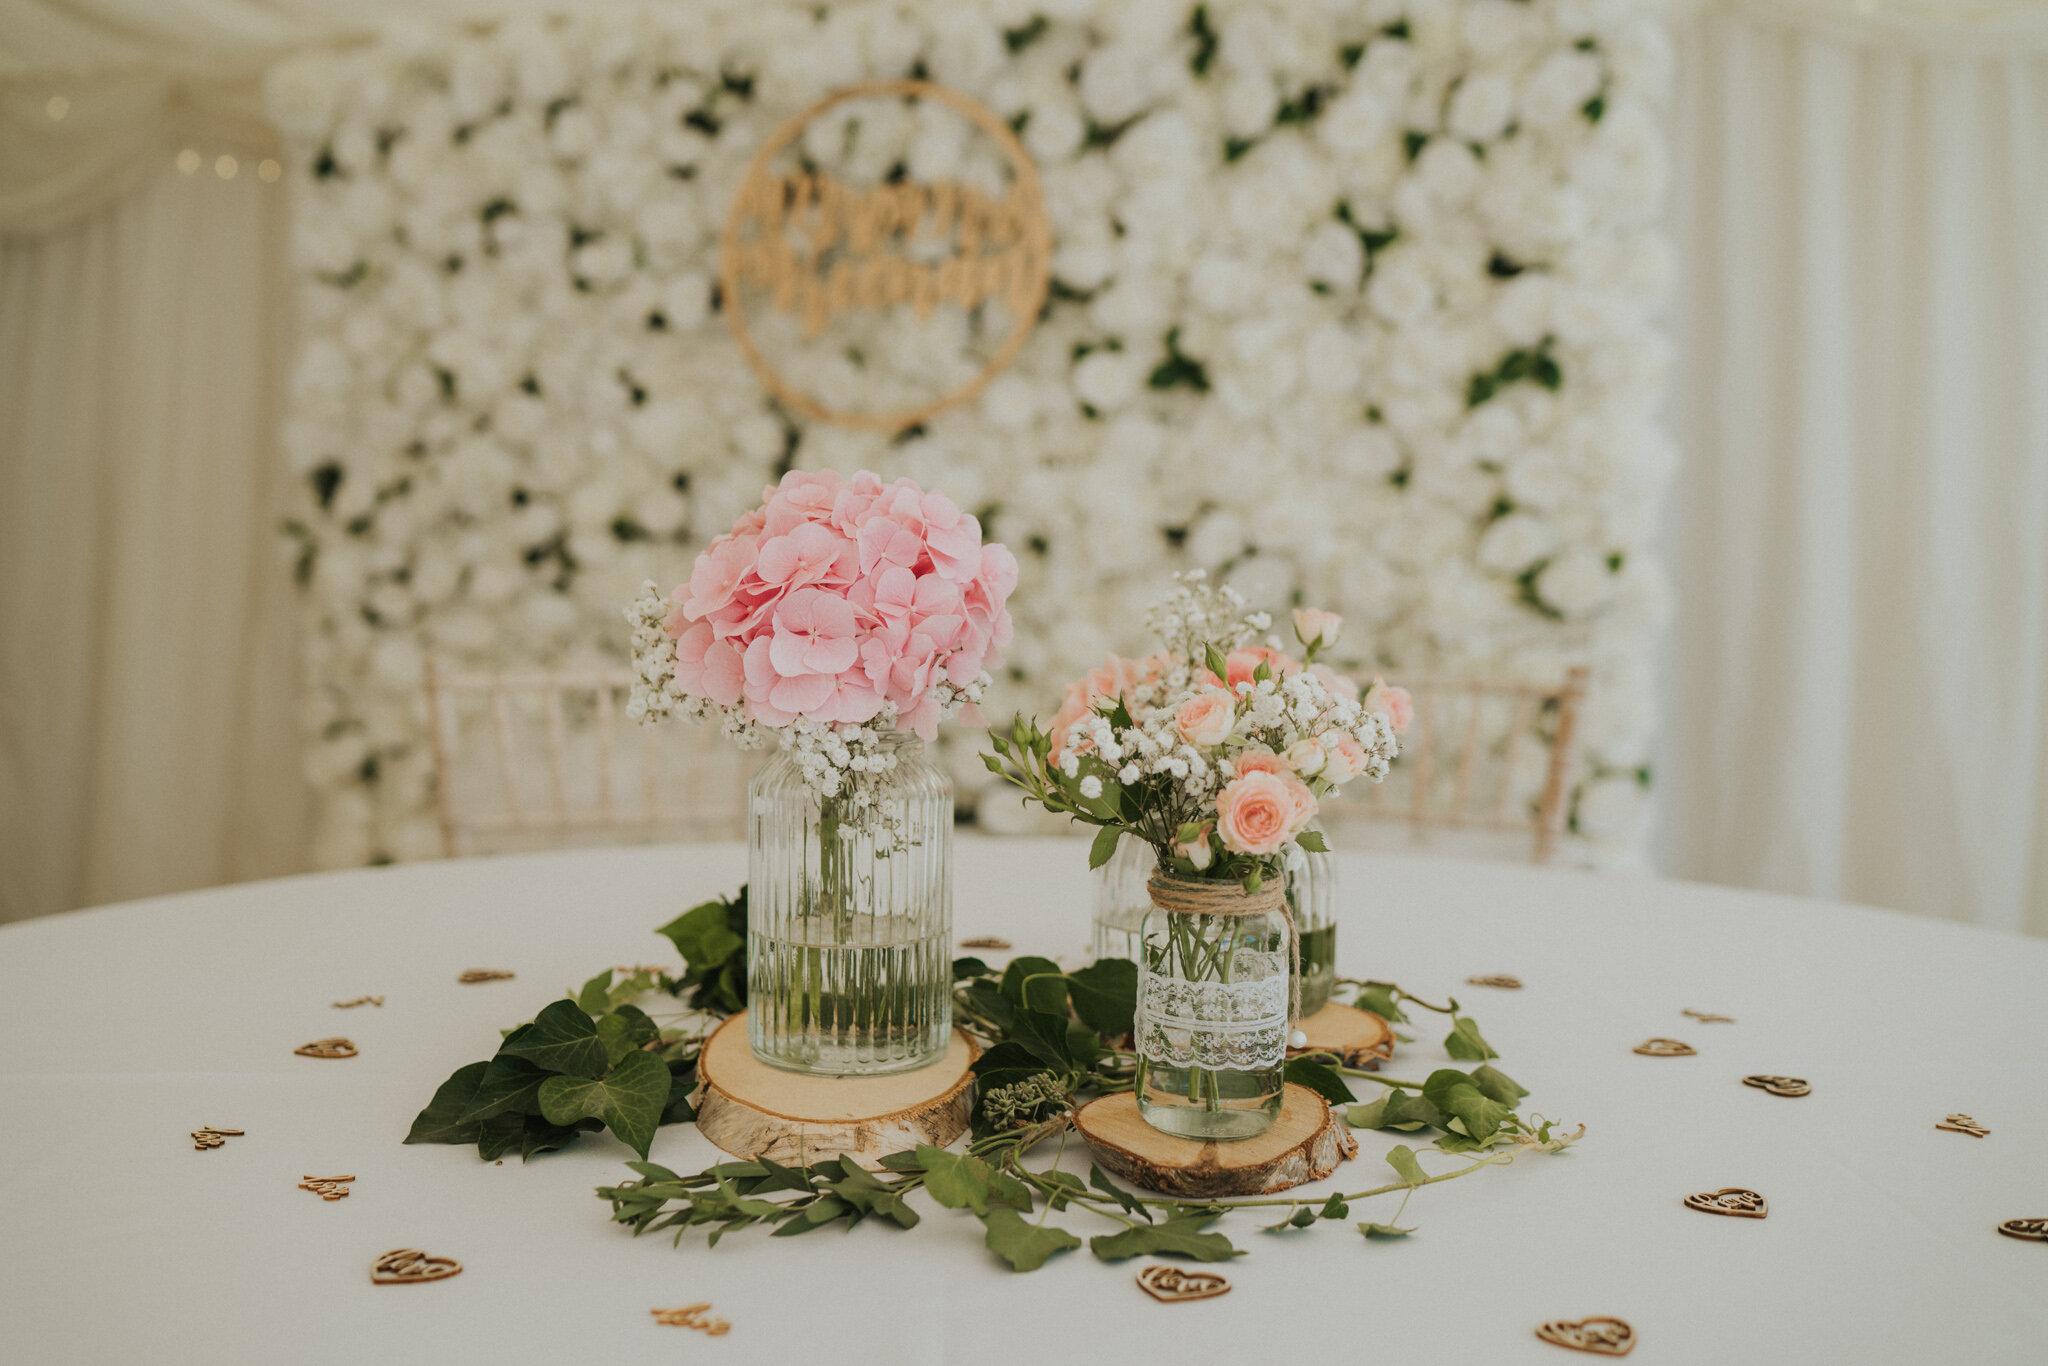 amy-ross-diy-garden-wedding-grace-elizabeth-colchester-essex-suffolk-devon-norfolk-wedding-lifestyle-photographer (3 of 51).jpg